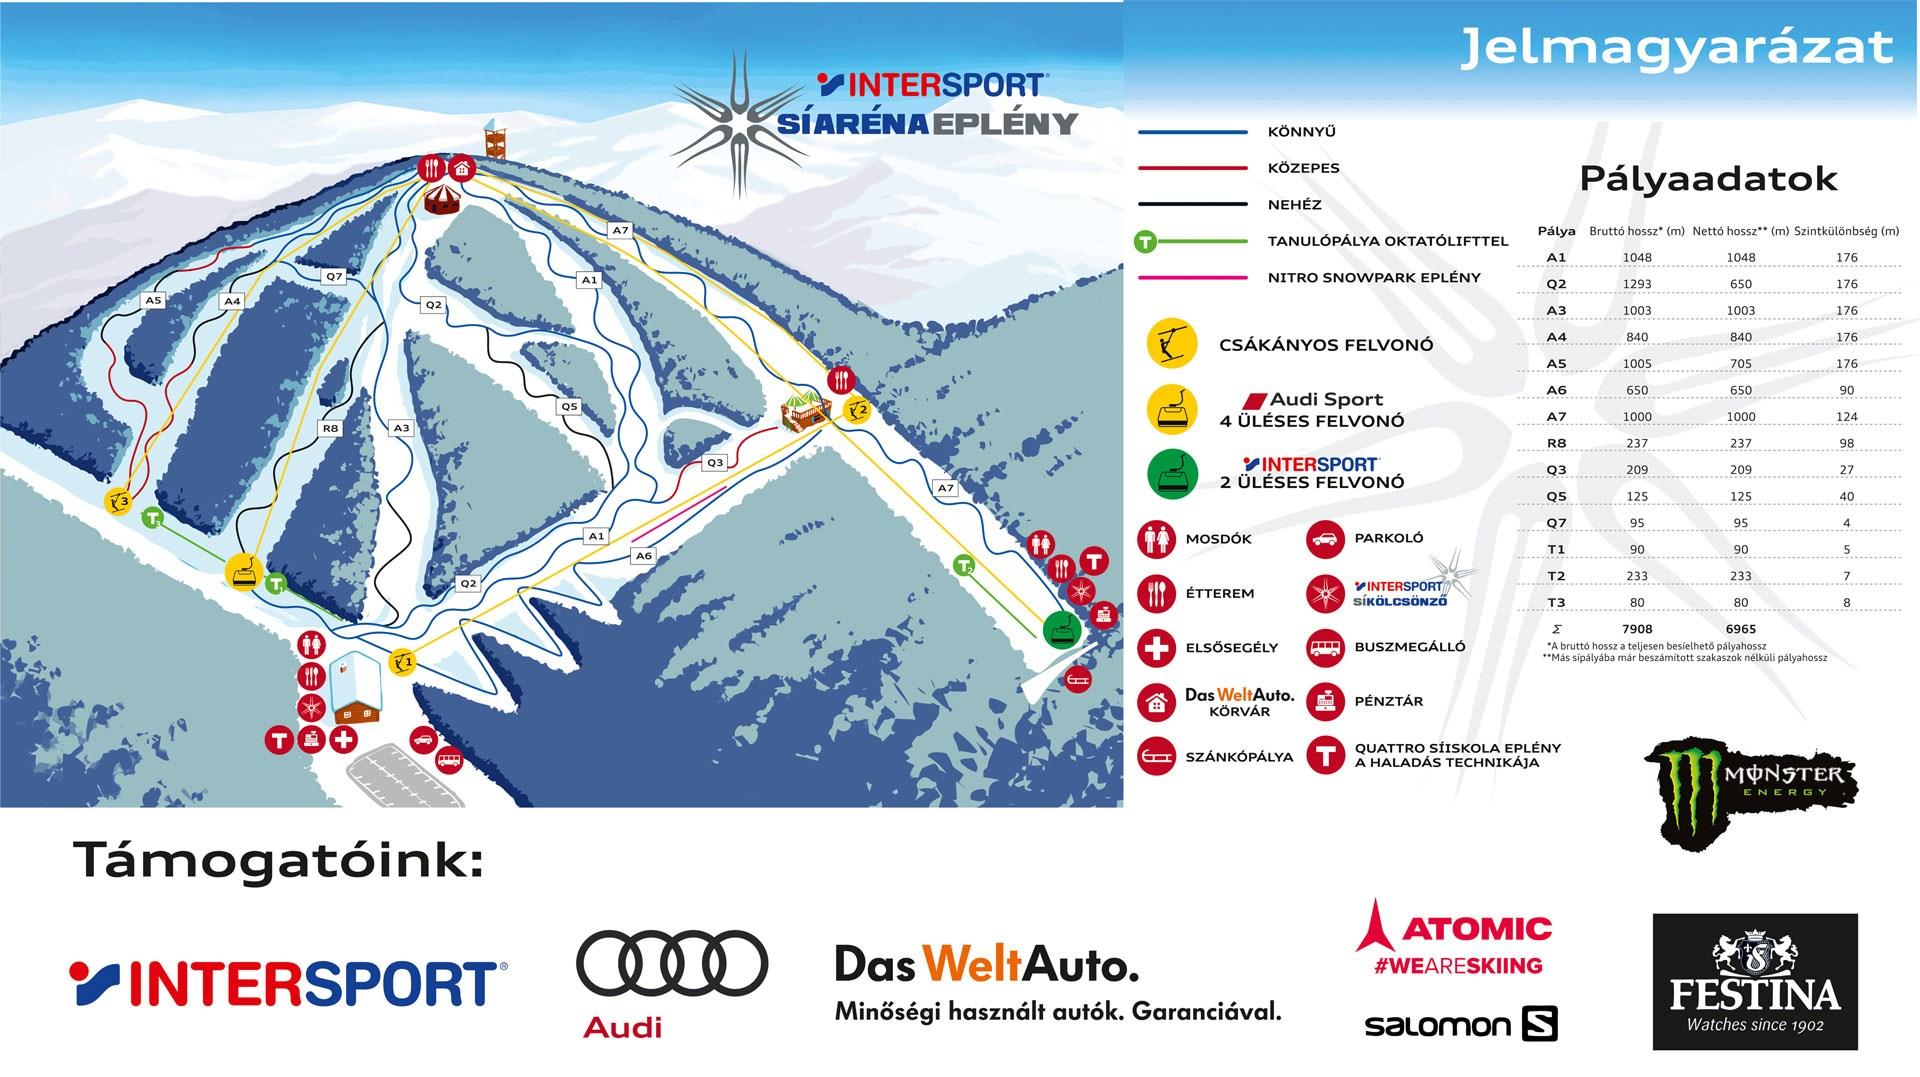 magyarország térkép eplény Intersport Síaréna   Eplény magyarország térkép eplény